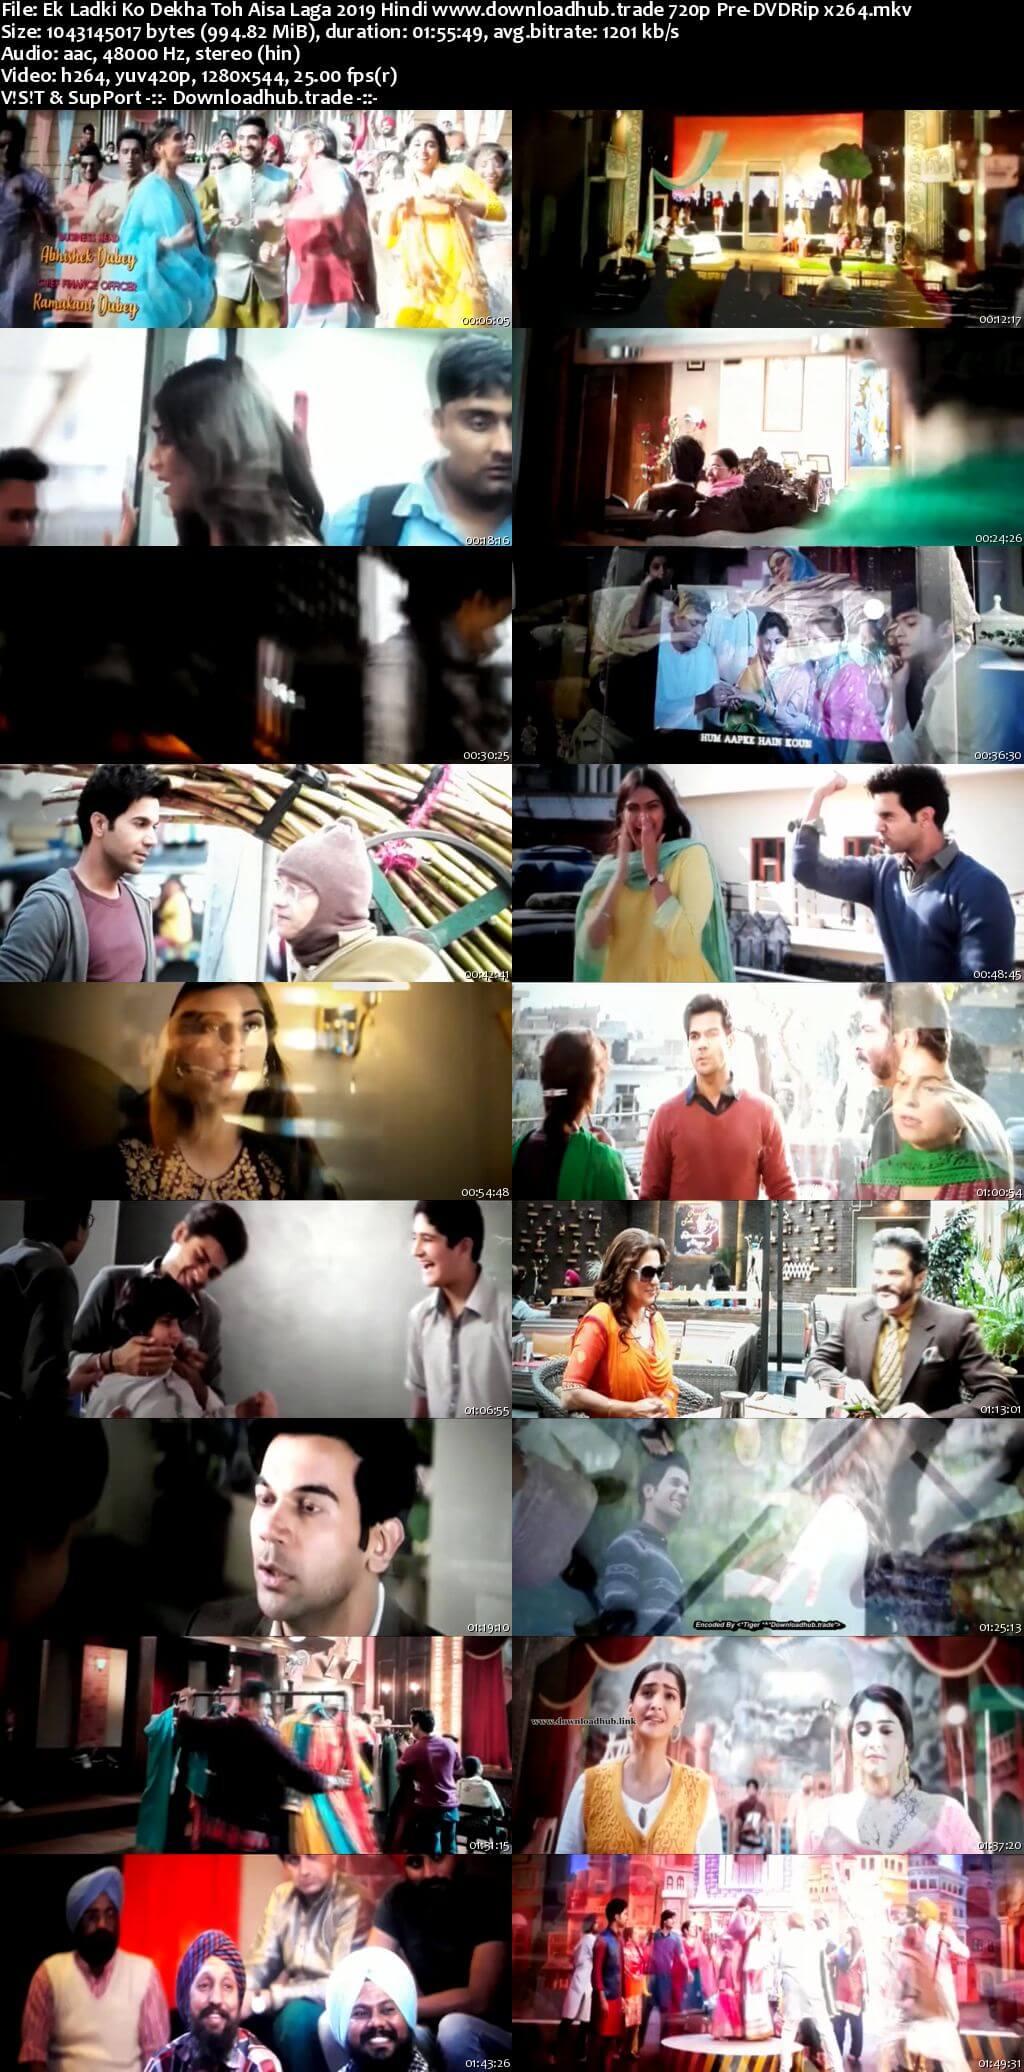 Ek Ladki Ko Dekha Toh Aisa Laga 2019 Hindi 720p Pre-DVDRip x264